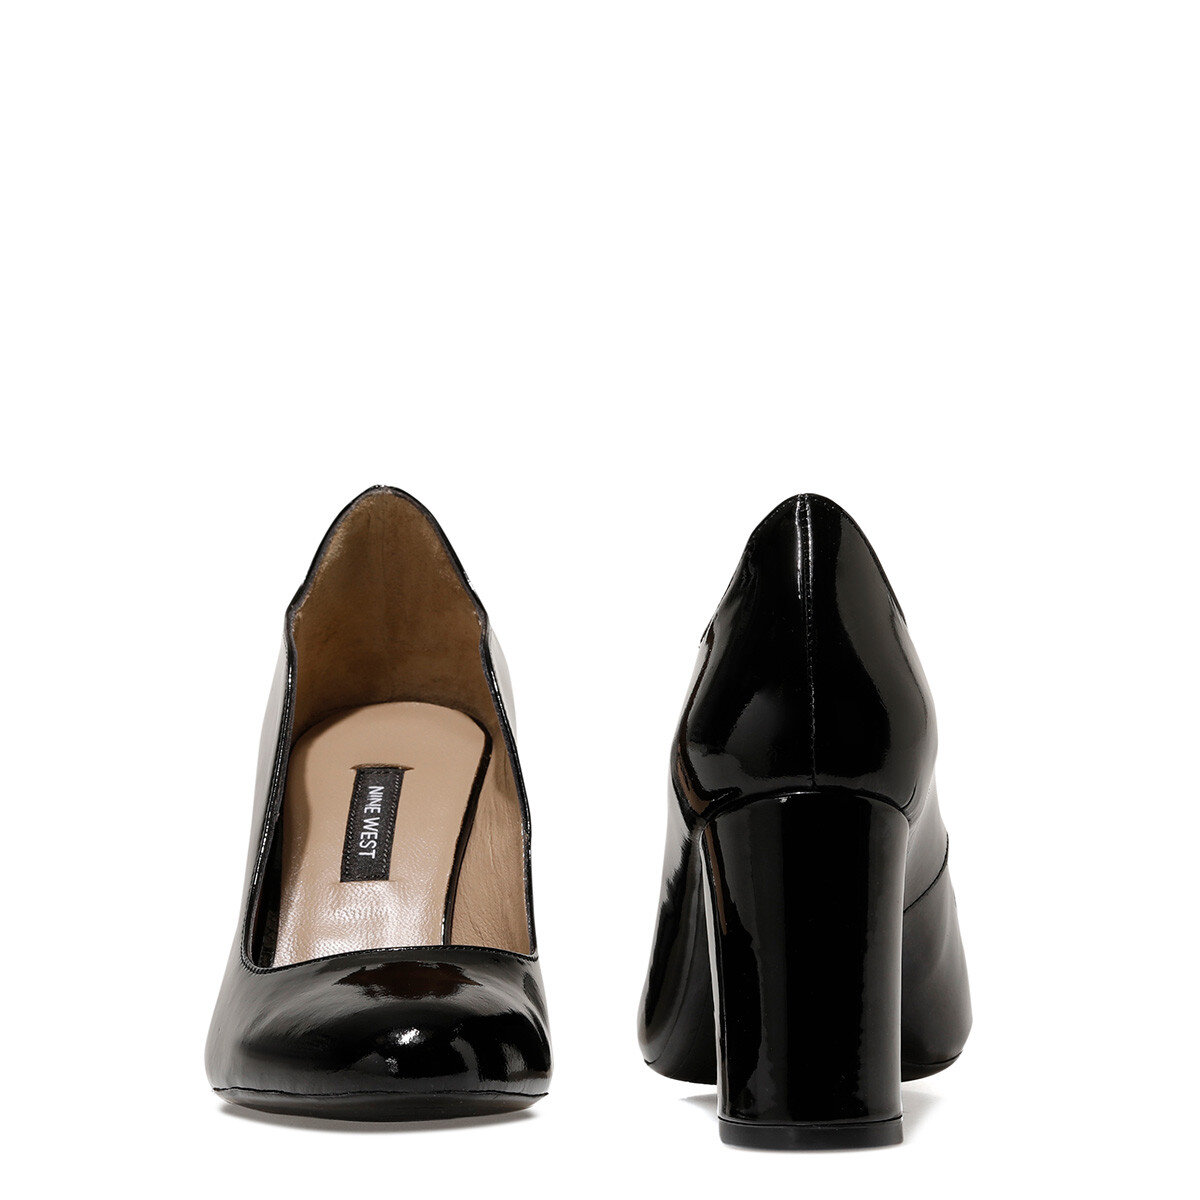 SALLE Siyah Kadın Topuklu Ayakkabı